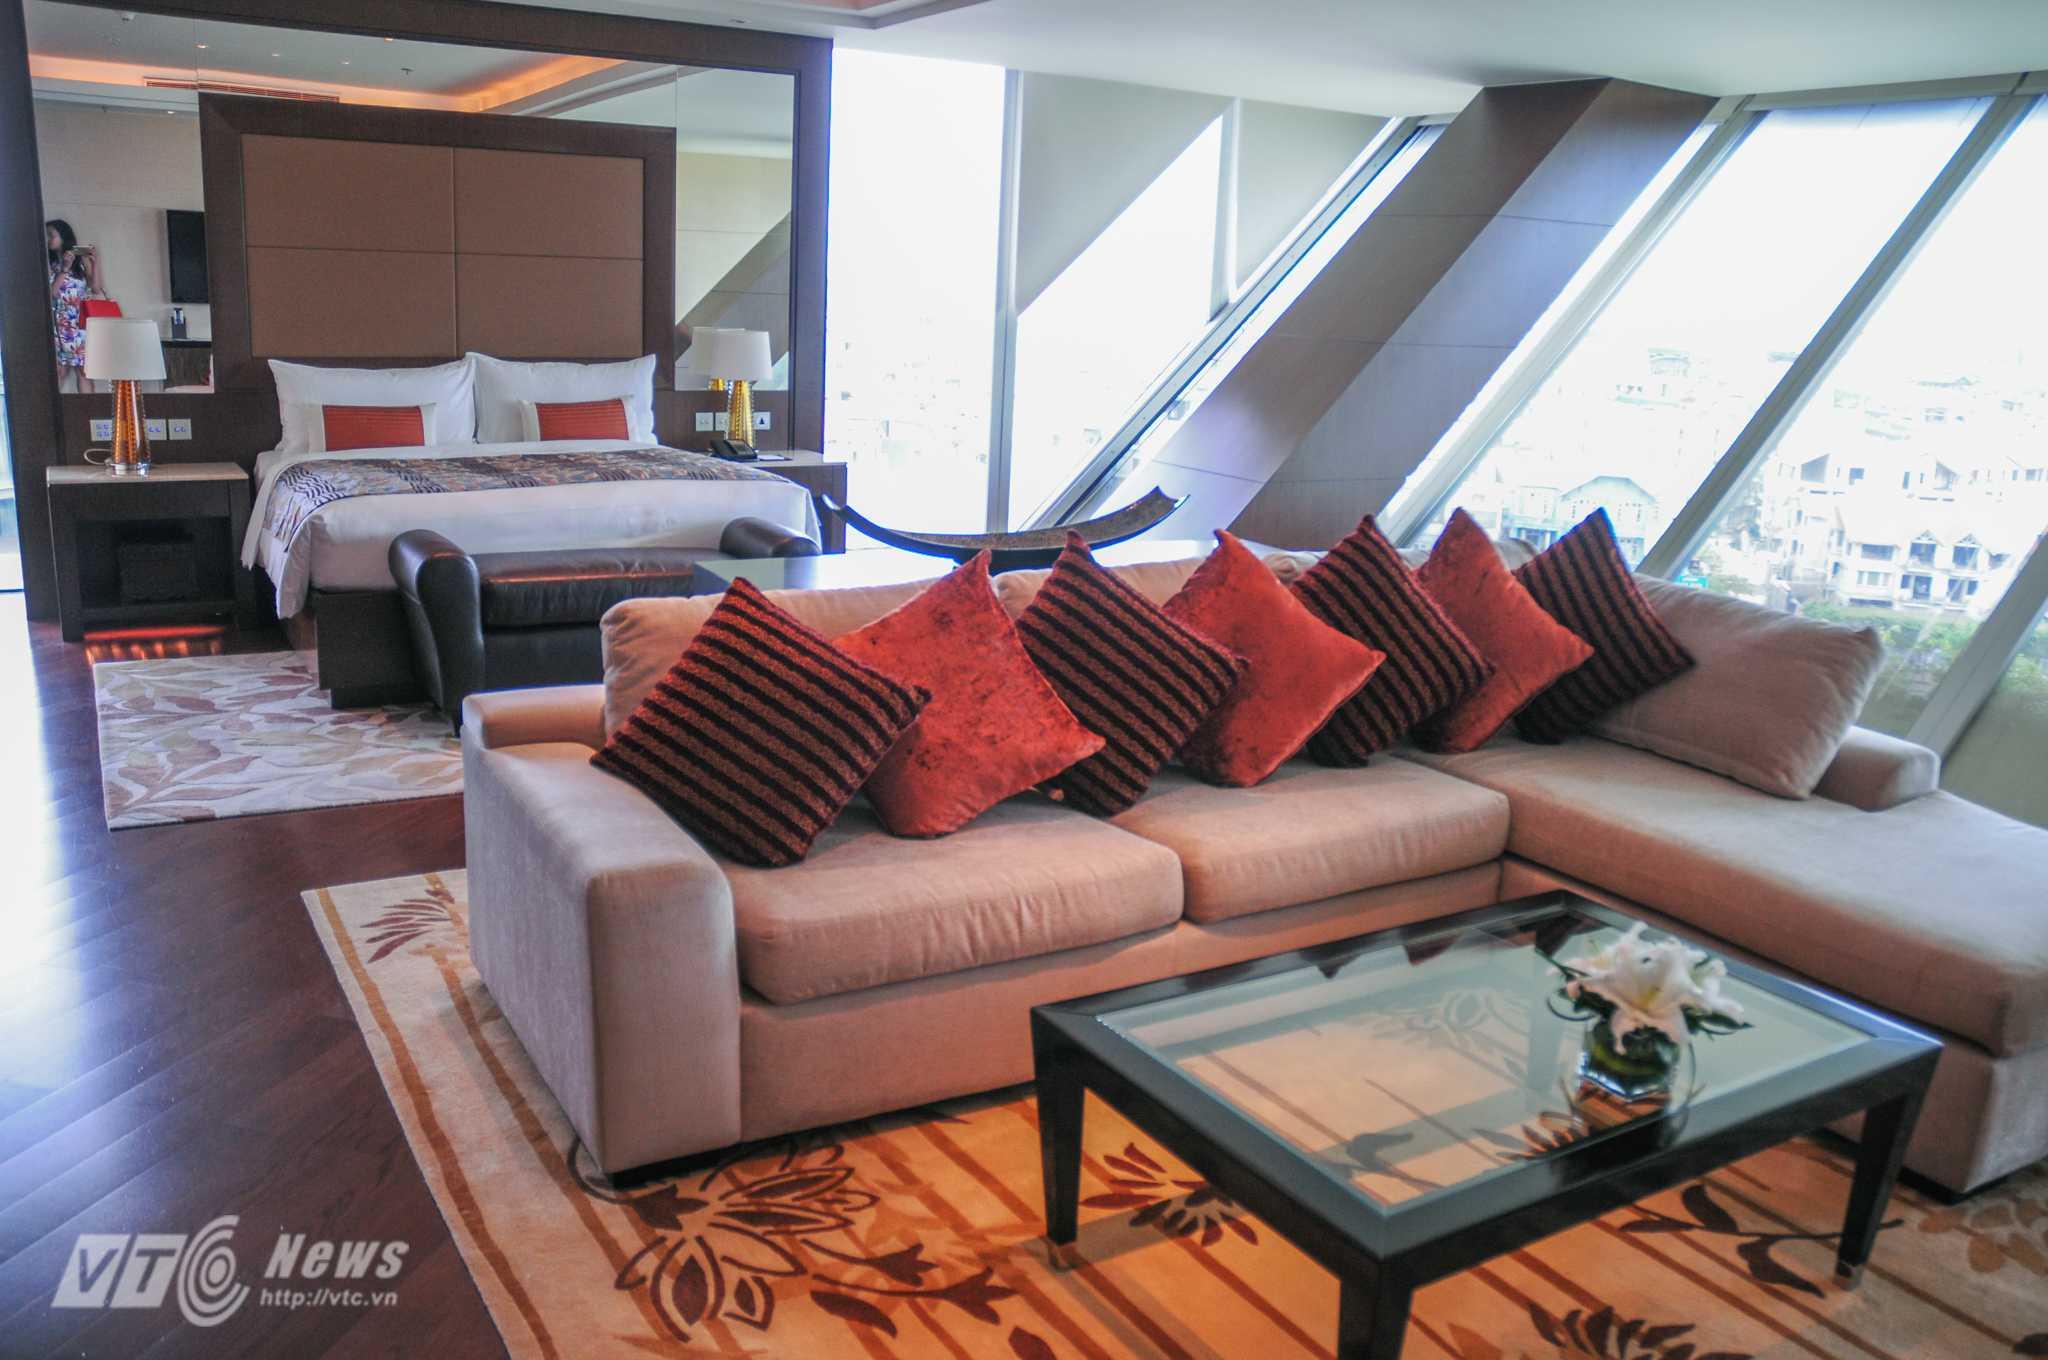 Phòng ngủ bên trong phòng Tổng thống Obama nghỉ lại Hà Nội - Ảnh: Tùng Đinh